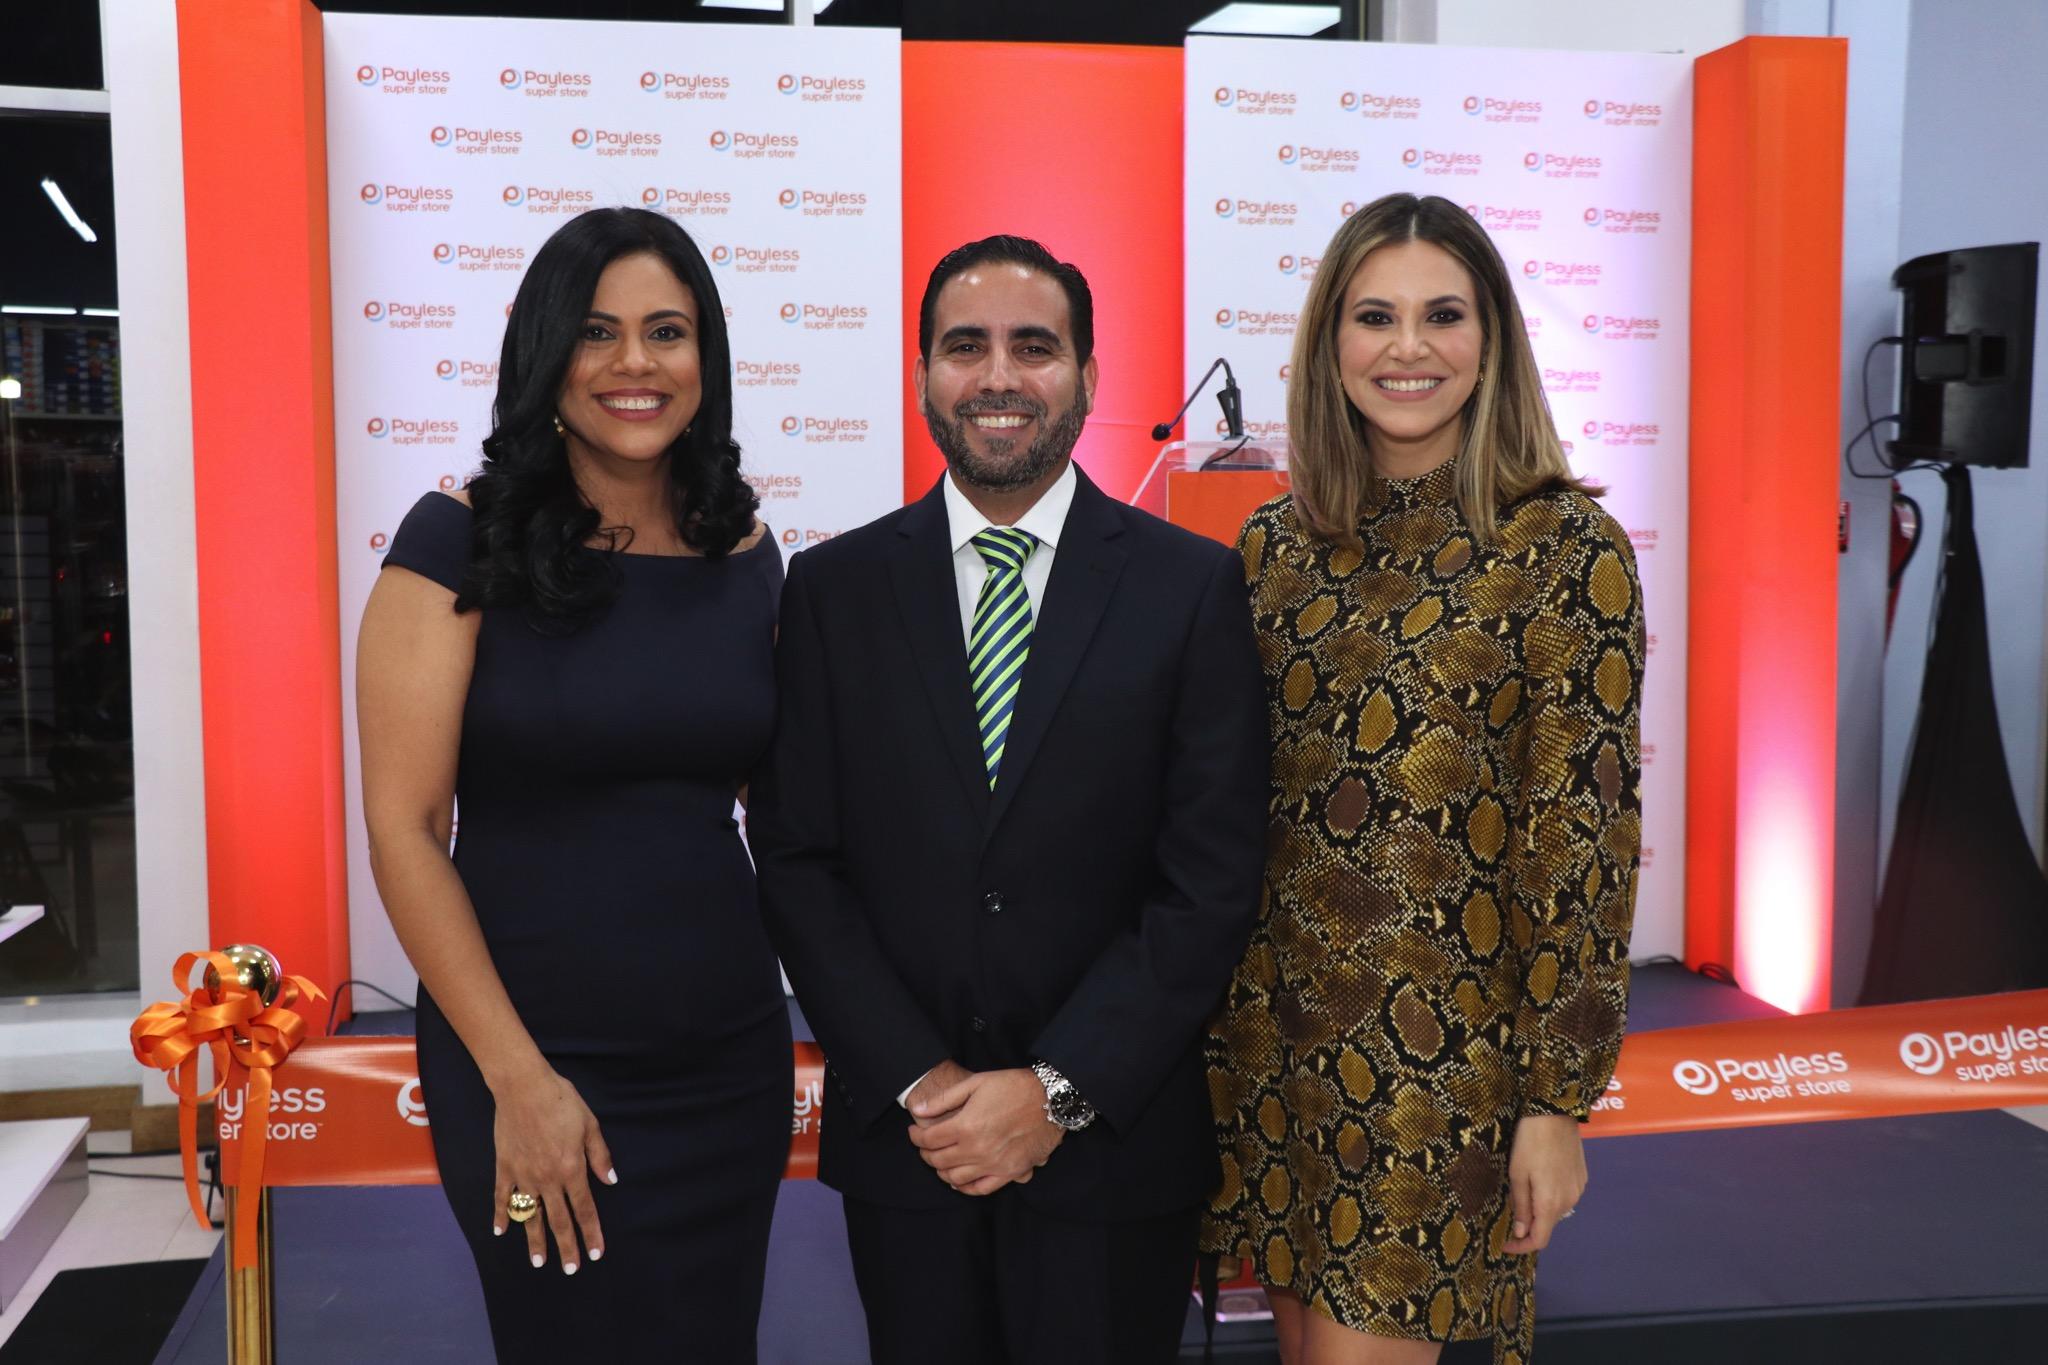 Payless inaugura su segunda Super Store en República Dominicana